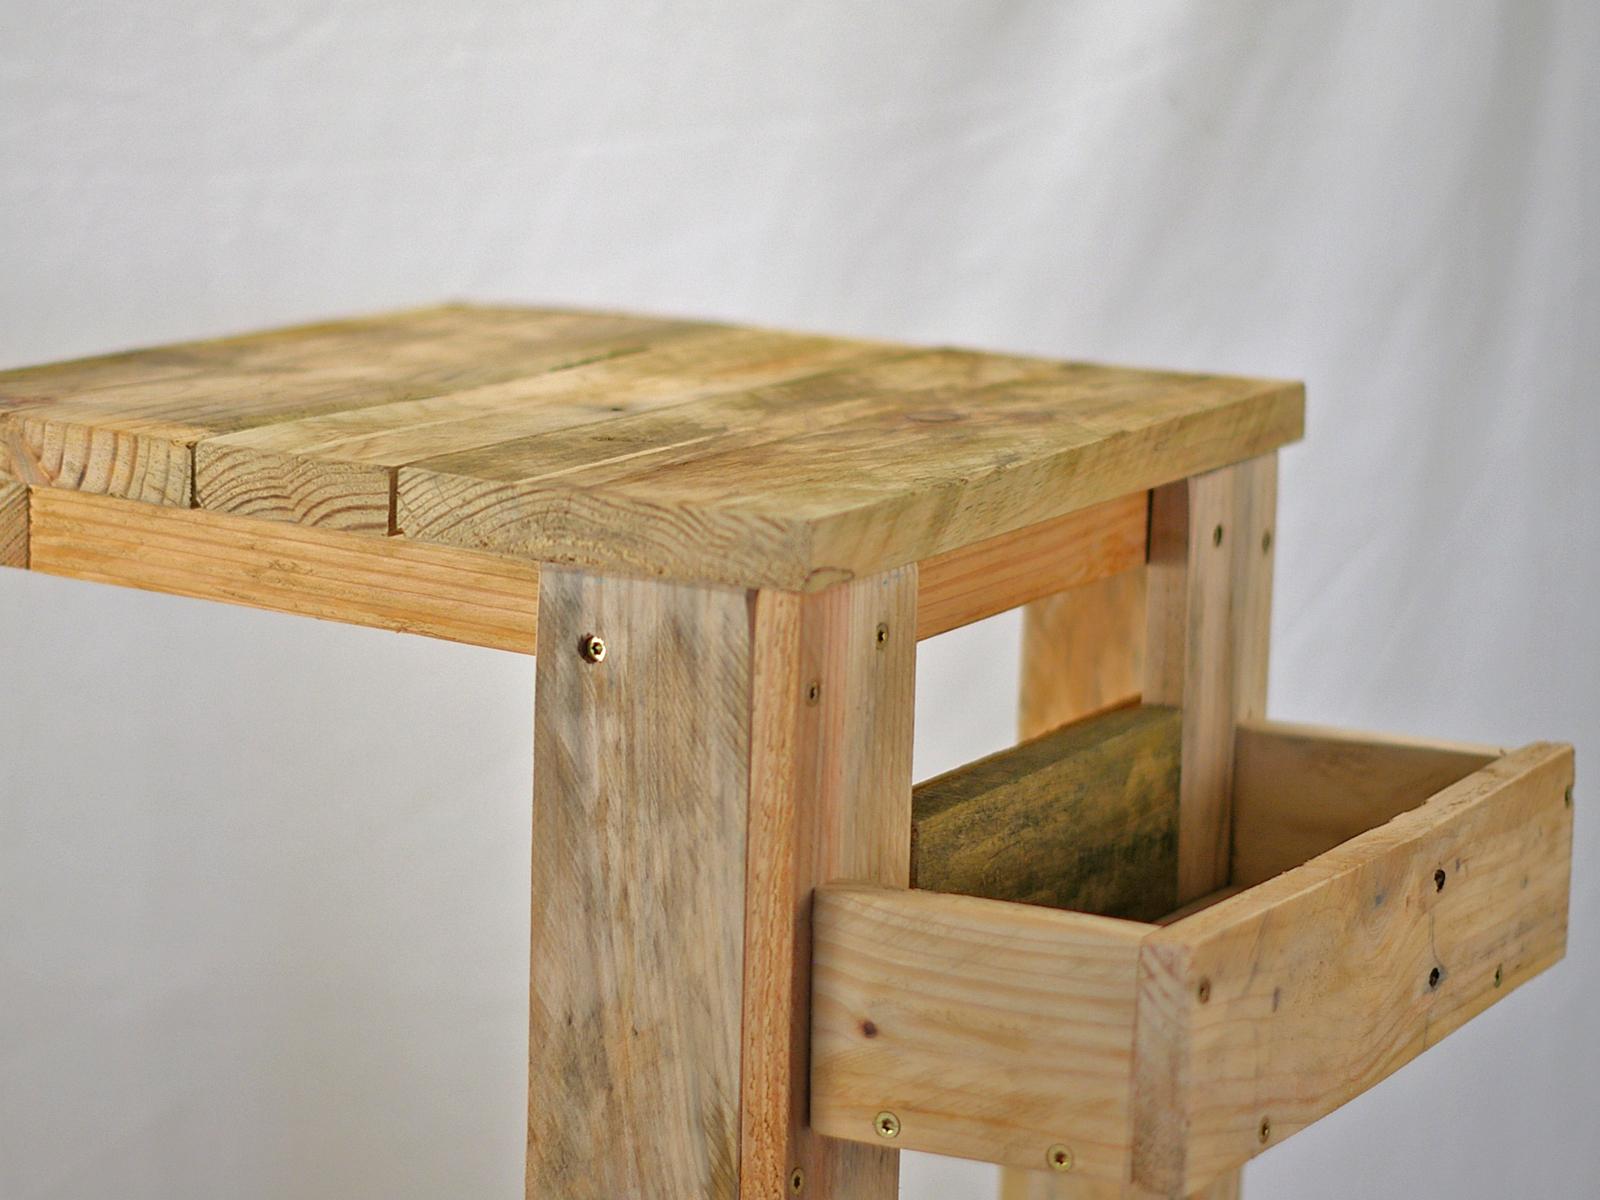 #palettentisch, palettenholz, diy, beistelltisch, wohnen